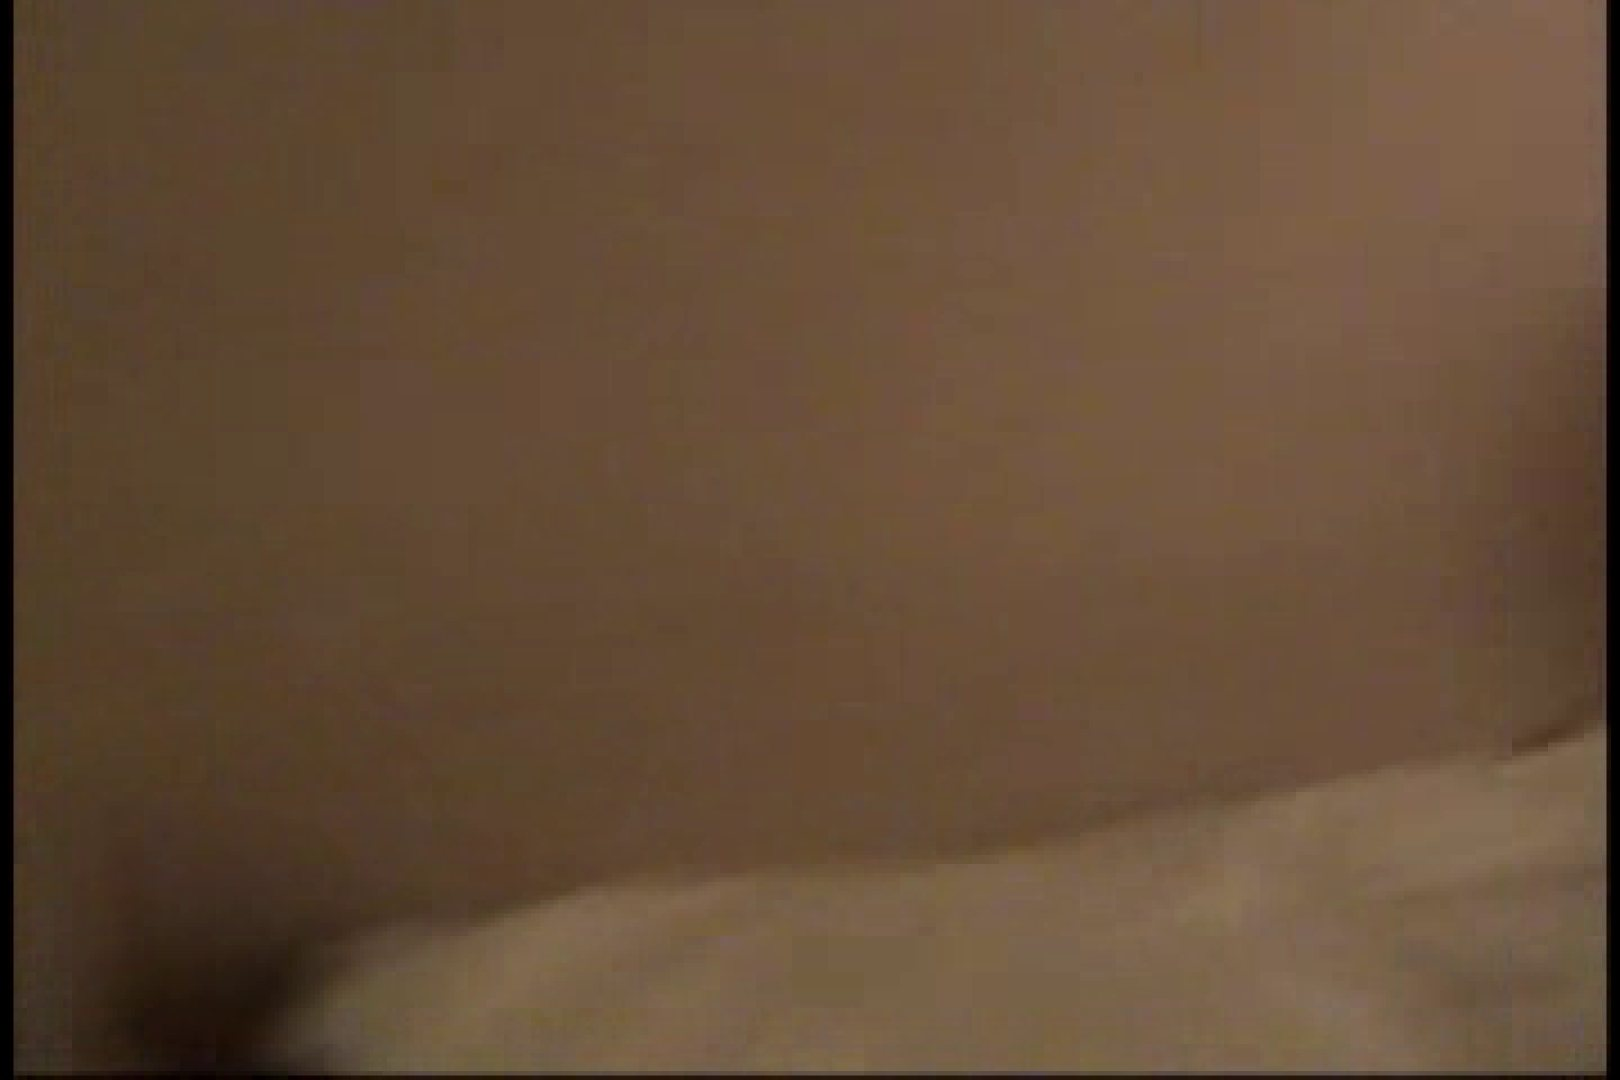 三ツ星シリーズ!!陰間茶屋独占!!第二弾!!イケメン羞恥心File.06 モザイク無し   ハミ肉 エロビデオ紹介 75pic 23